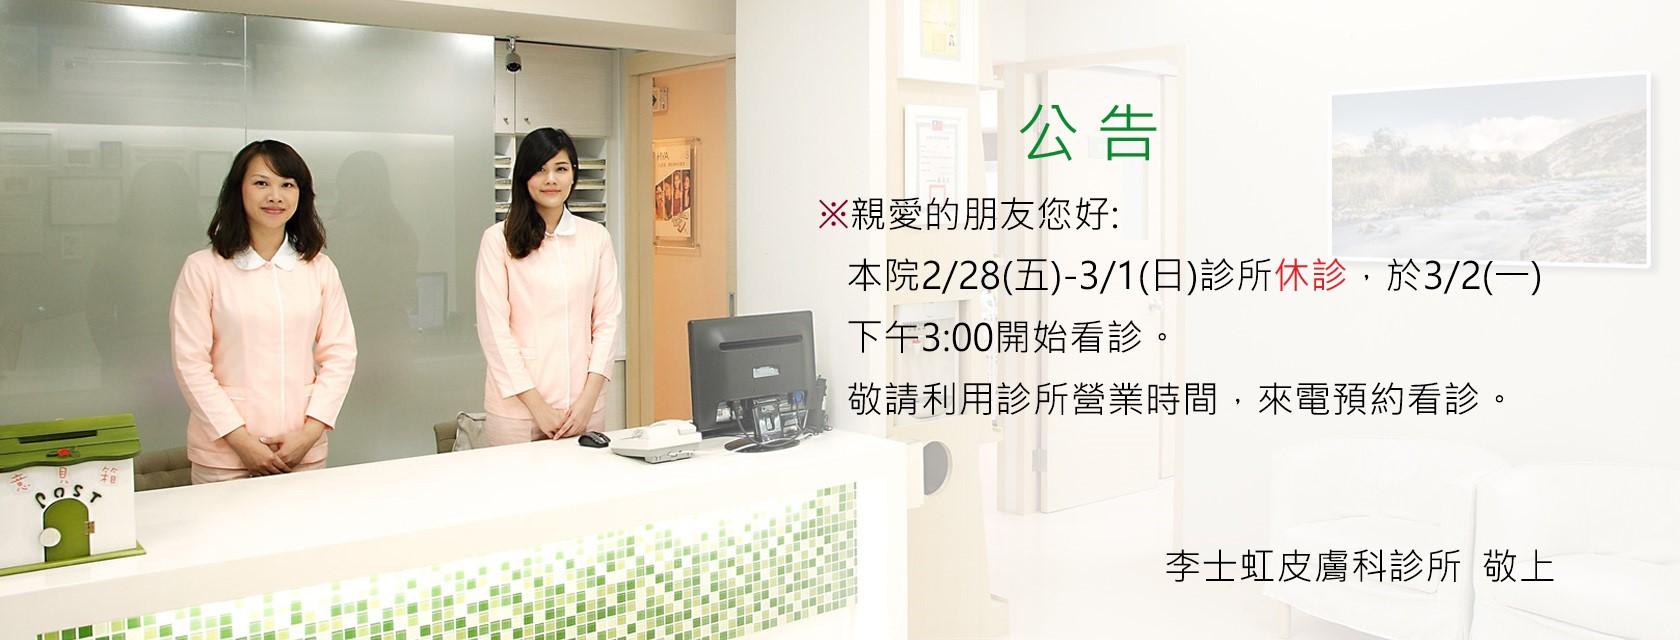 李士虹皮膚科網站底圖banner - 複製 (4)